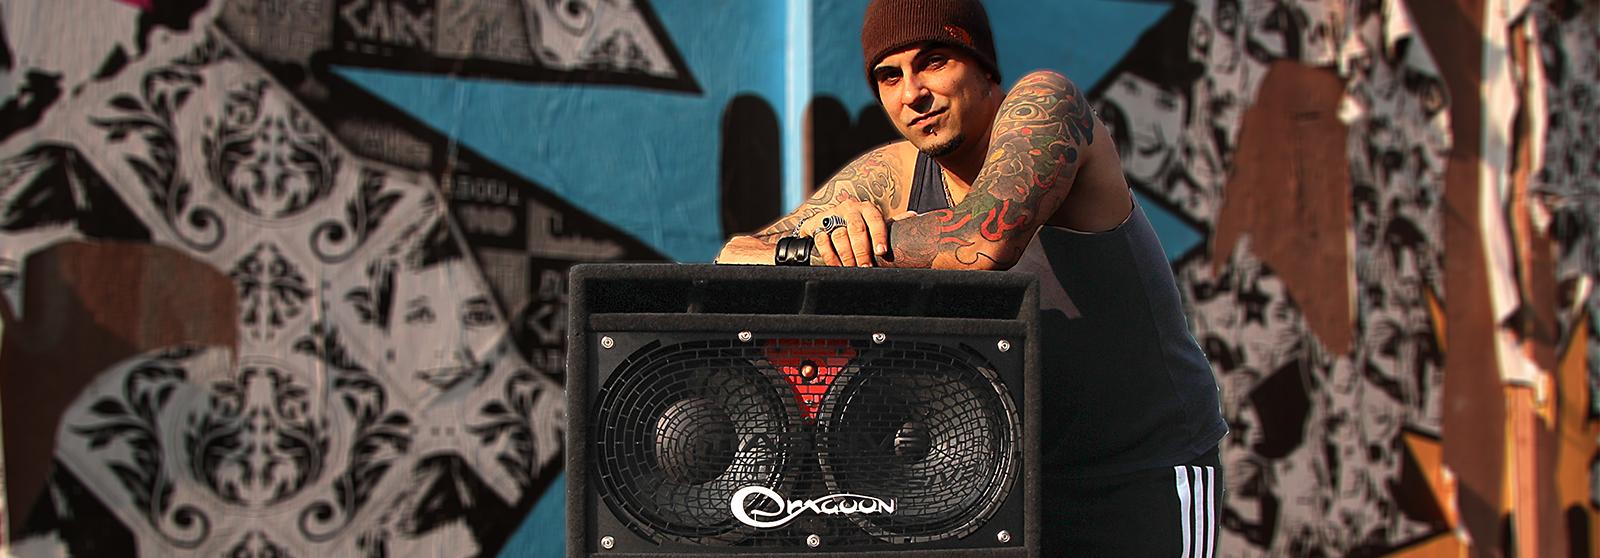 Dragoon - The Custom Speaker - ENDORSER_20160225232033959478.jpg